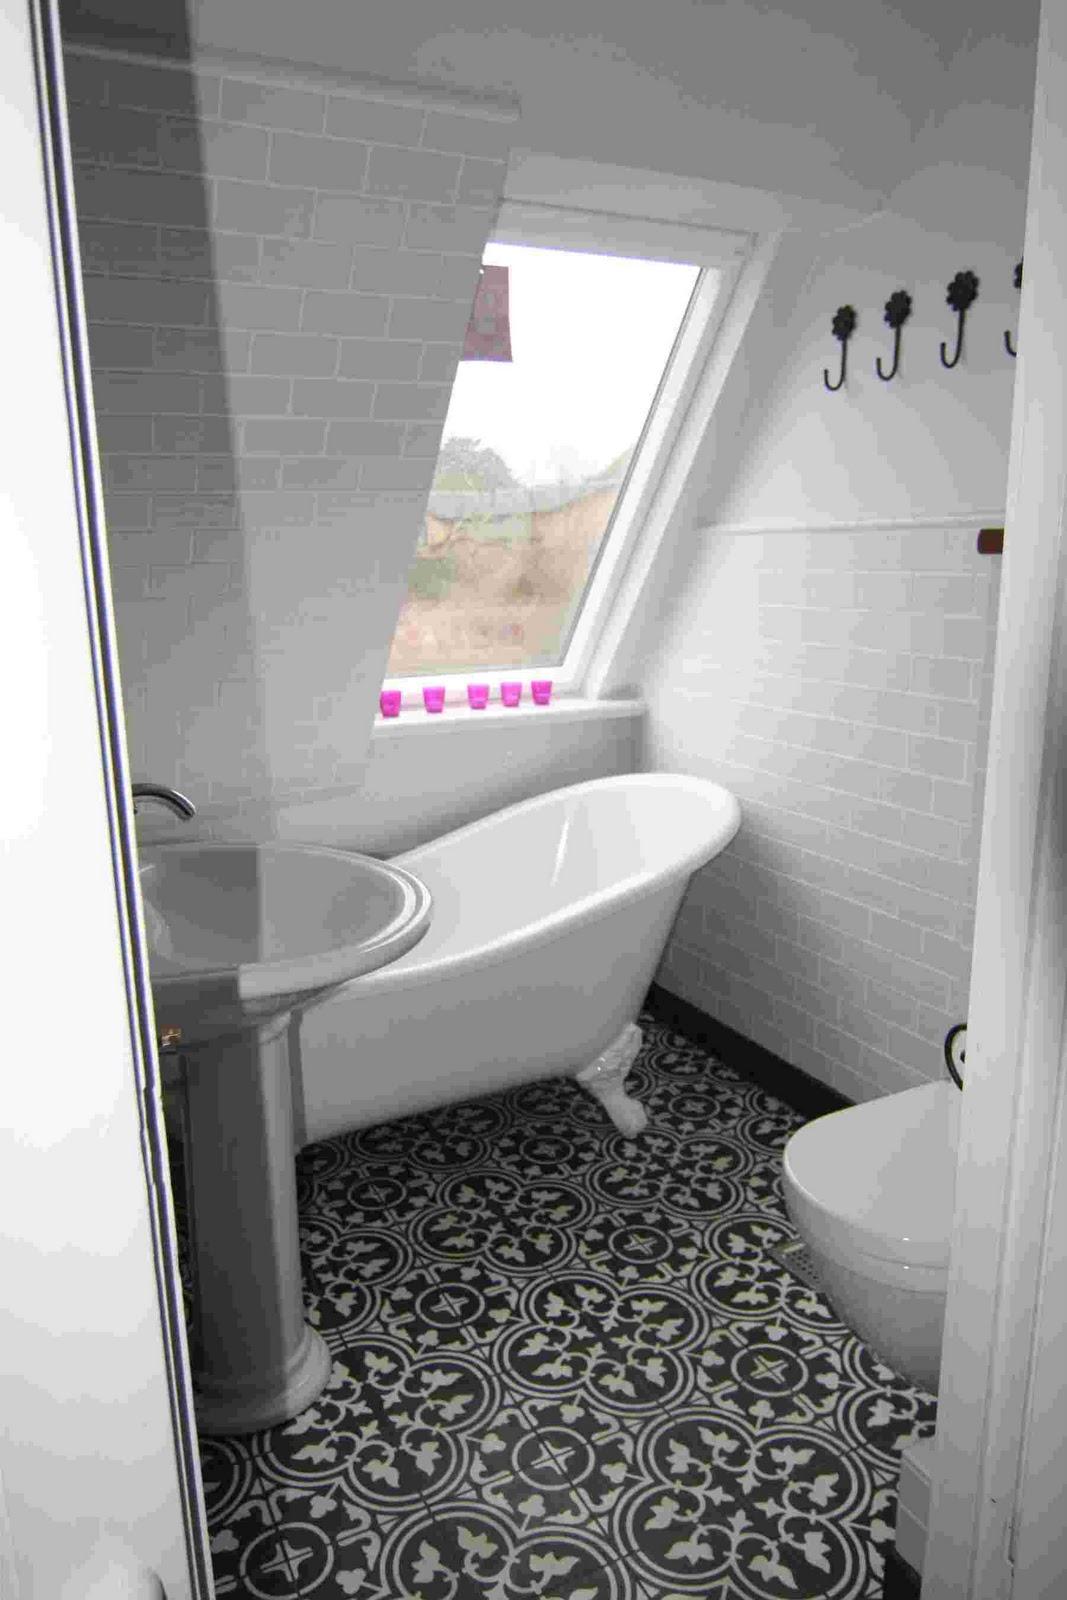 Fleas at home: badeværelset